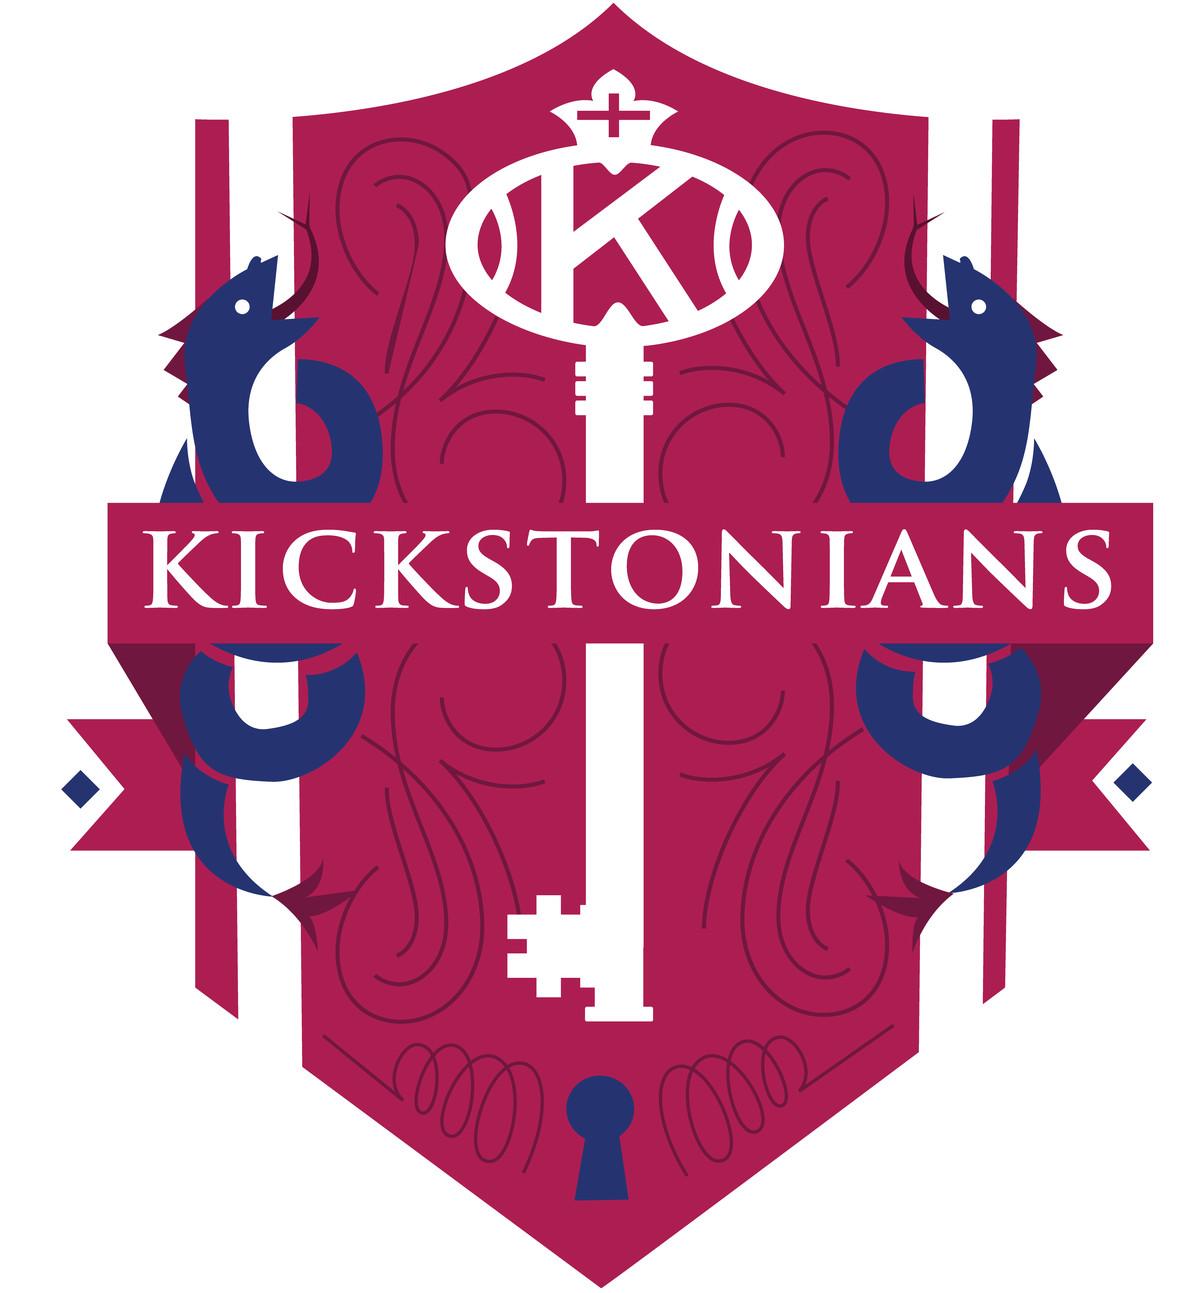 Kickstonians